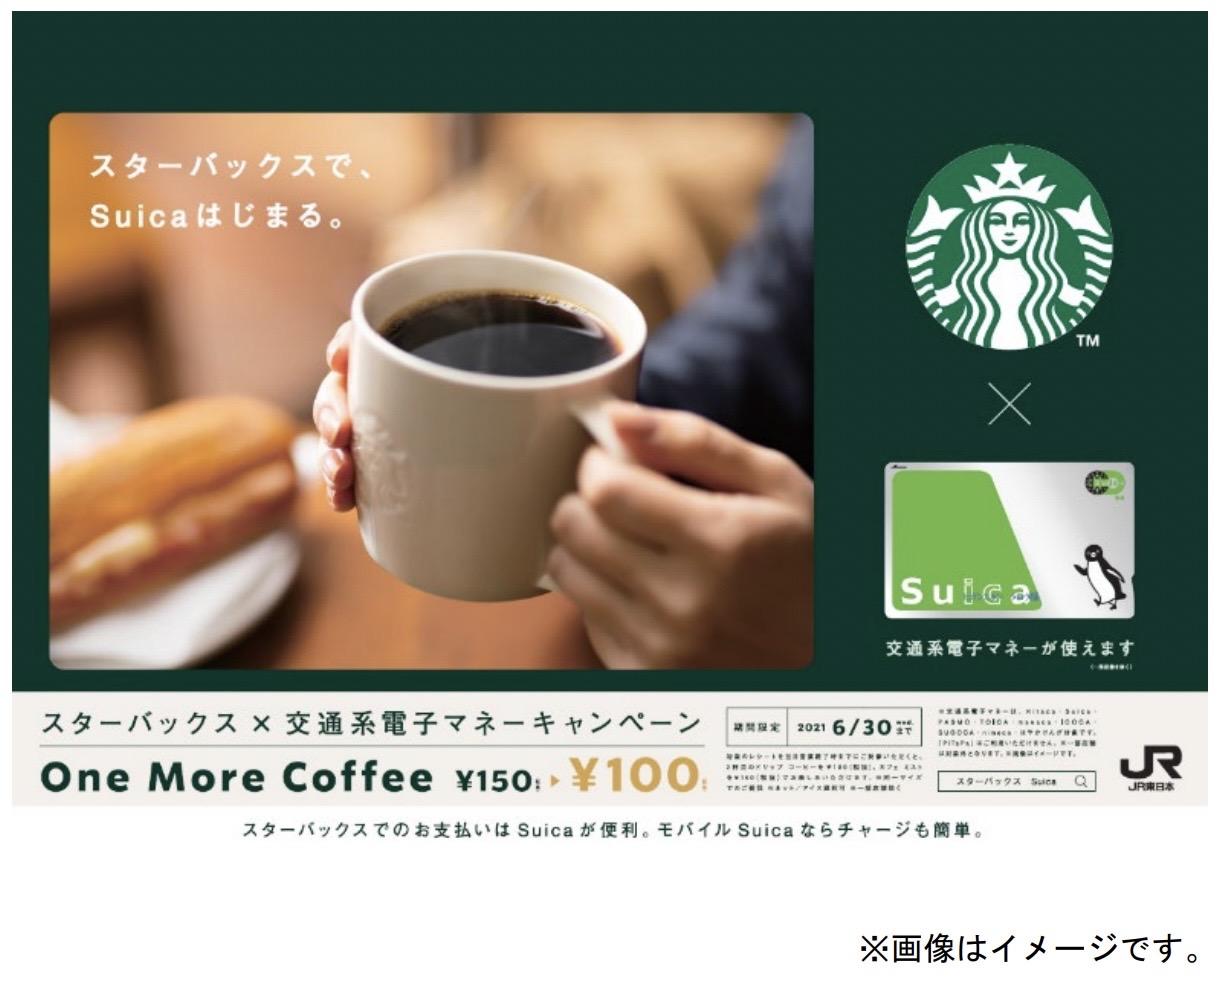 Starbucks suica 202101